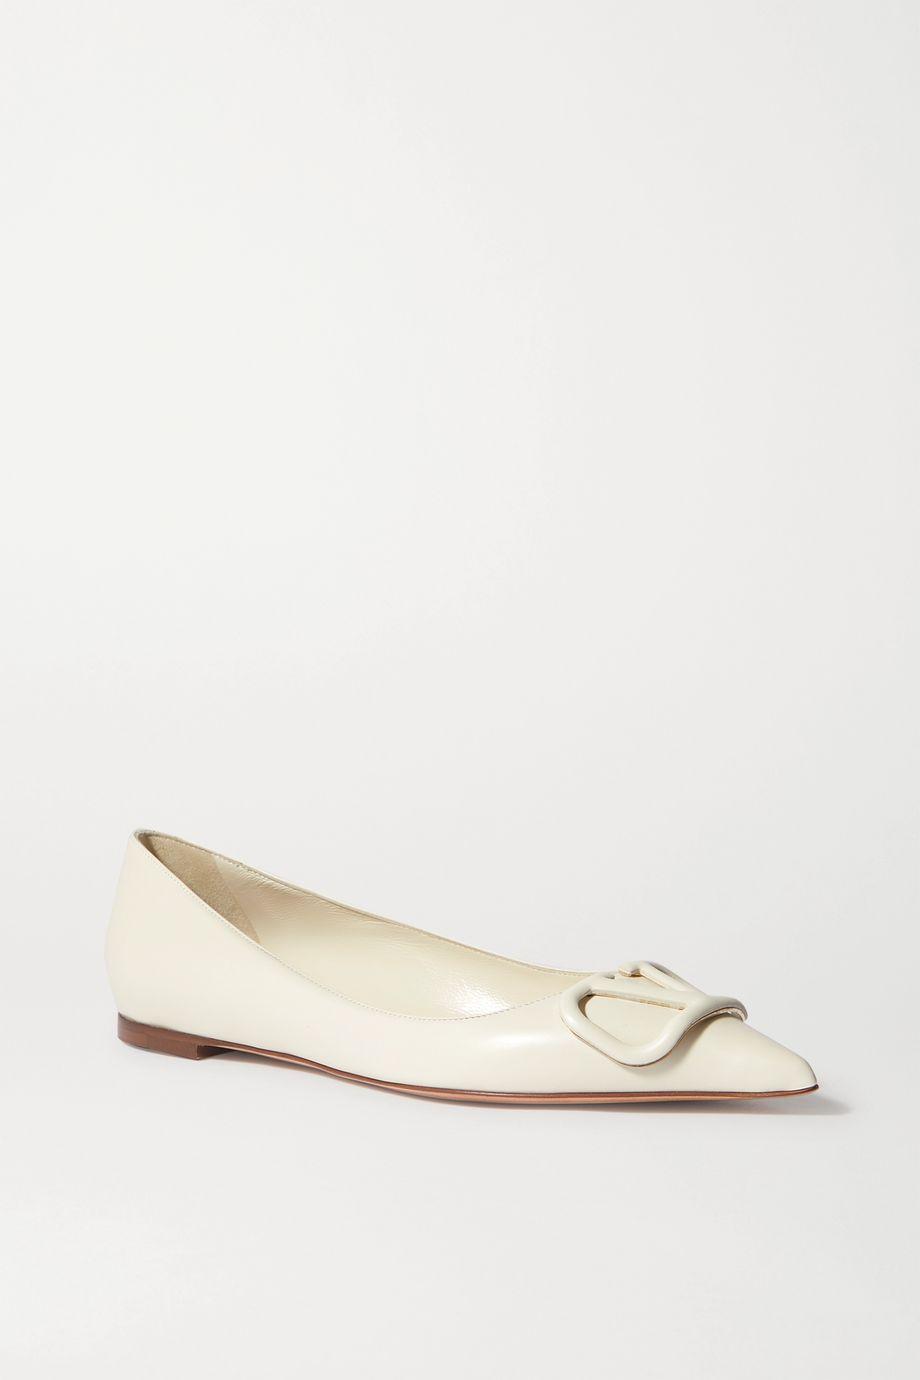 Valentino Go Logo leather point-toe flats